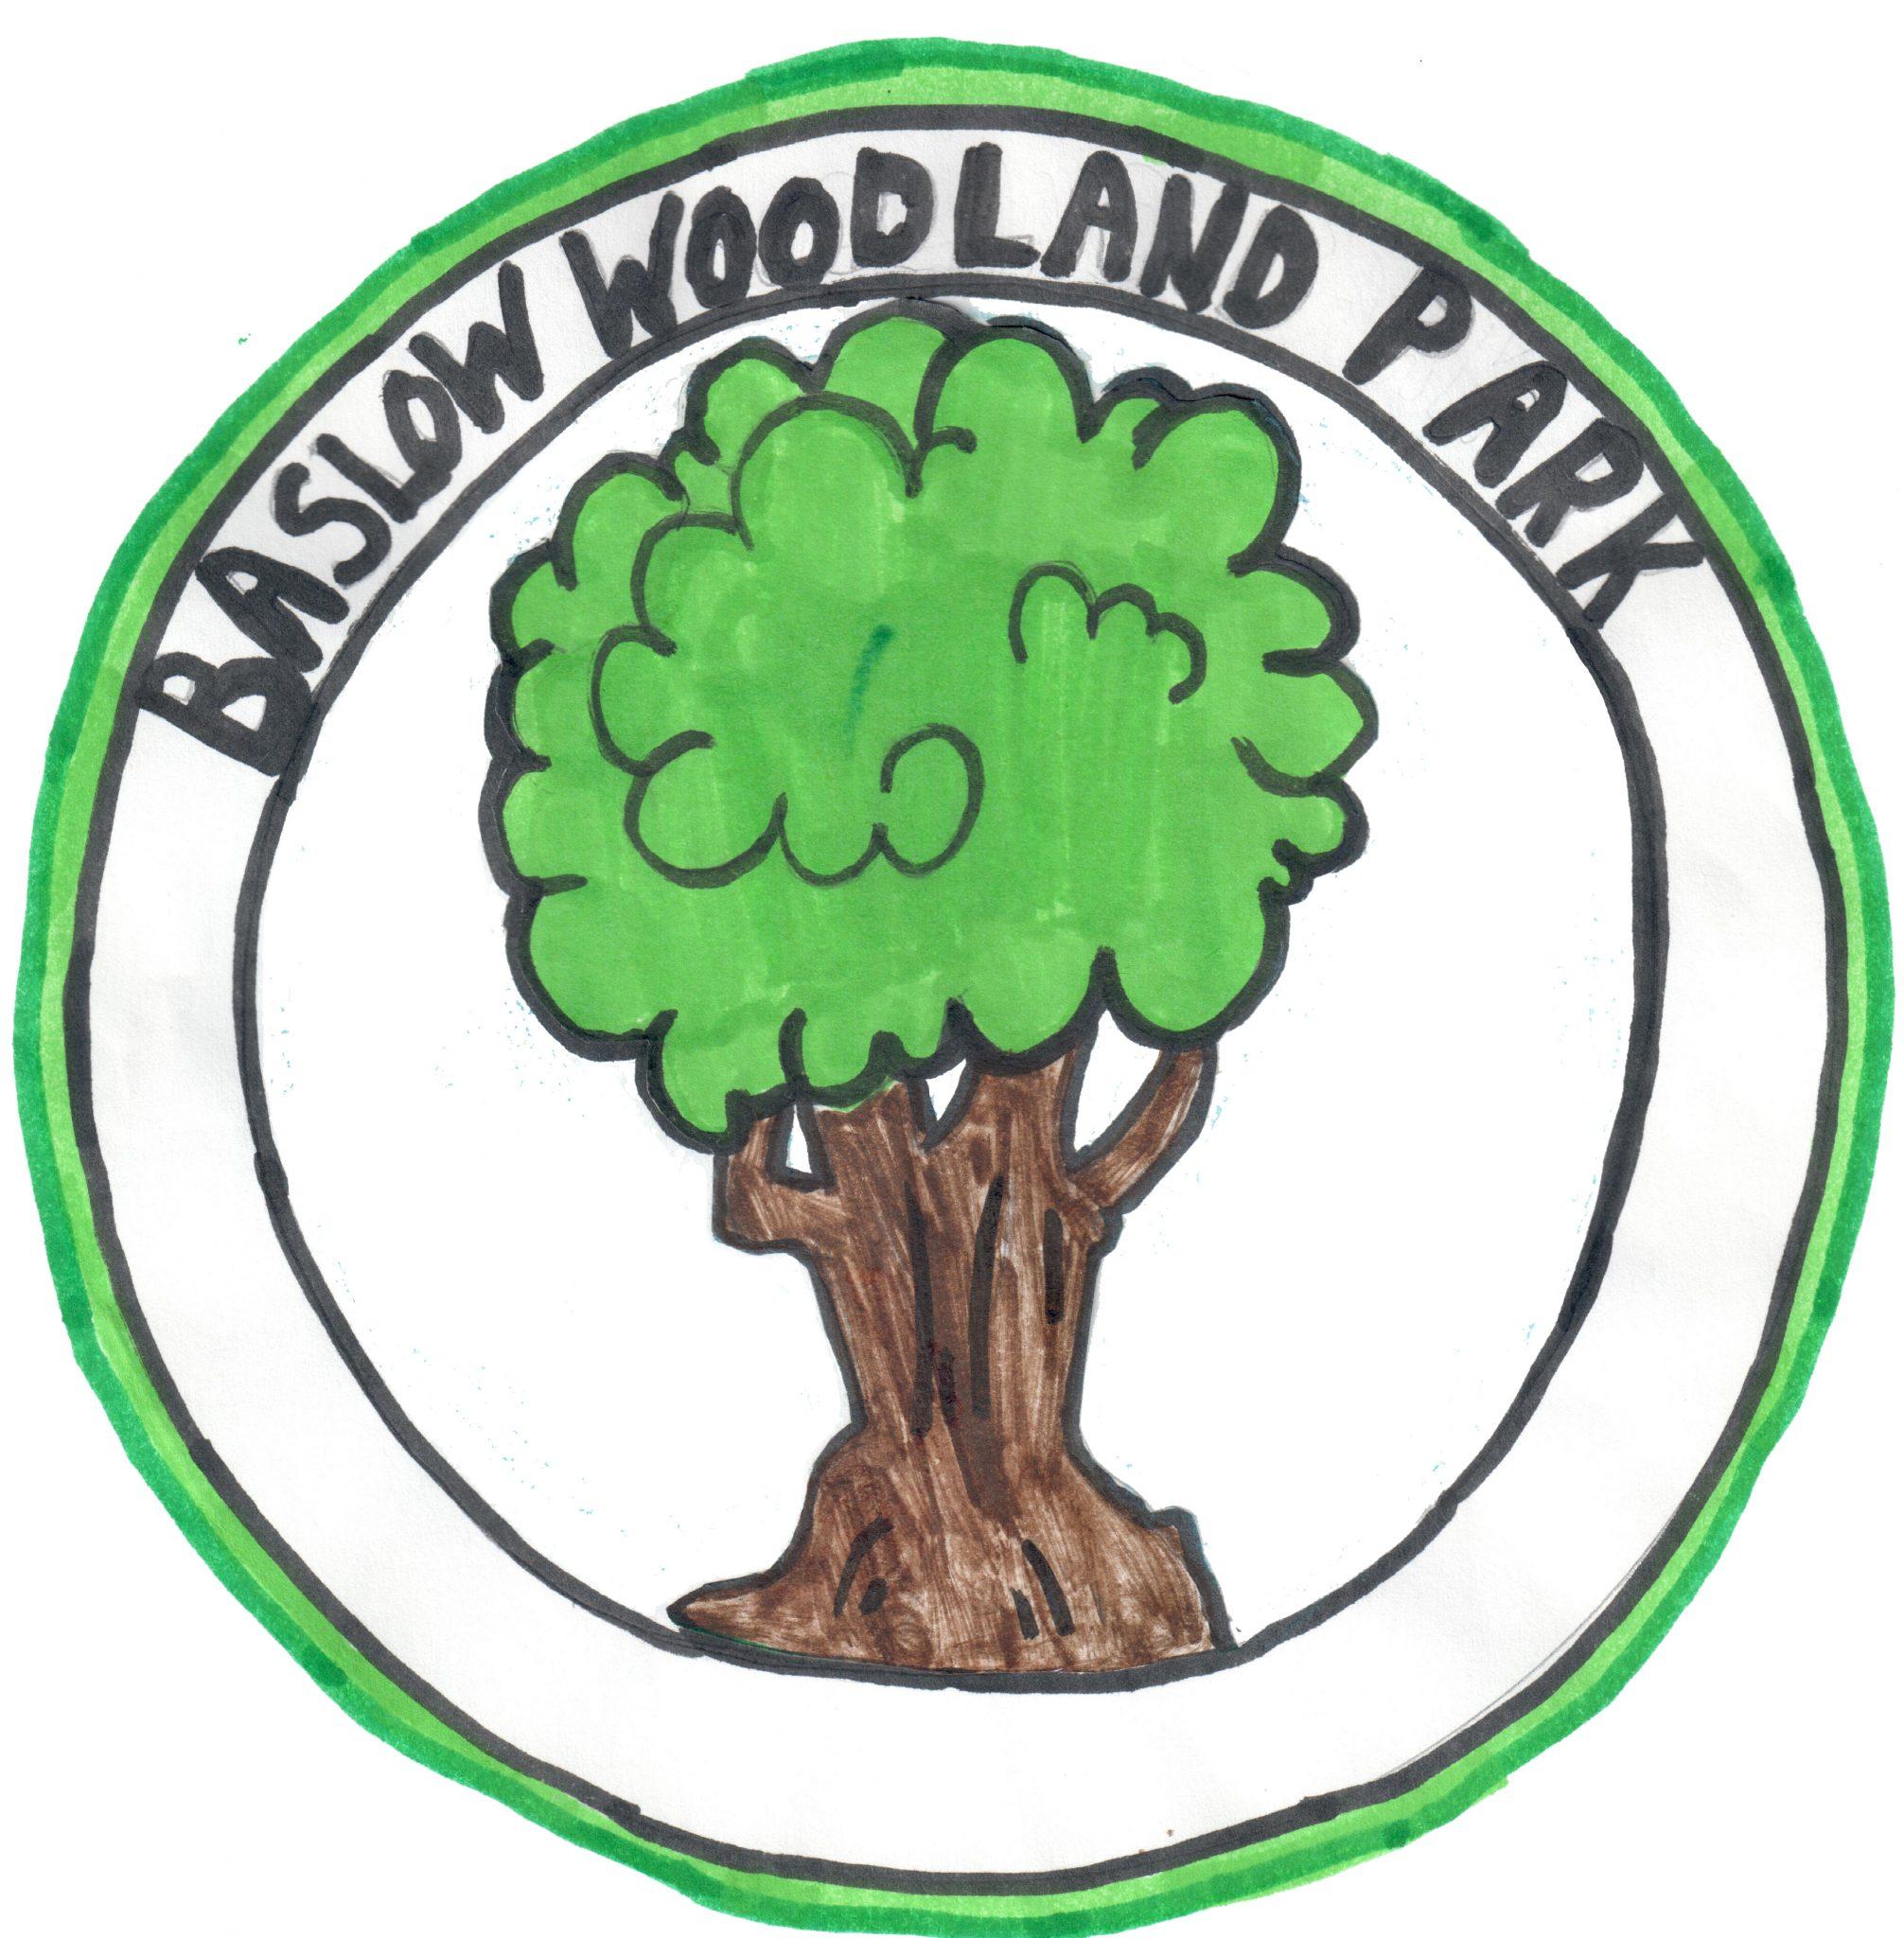 Green Light For Baslow Woodland Park Baslow